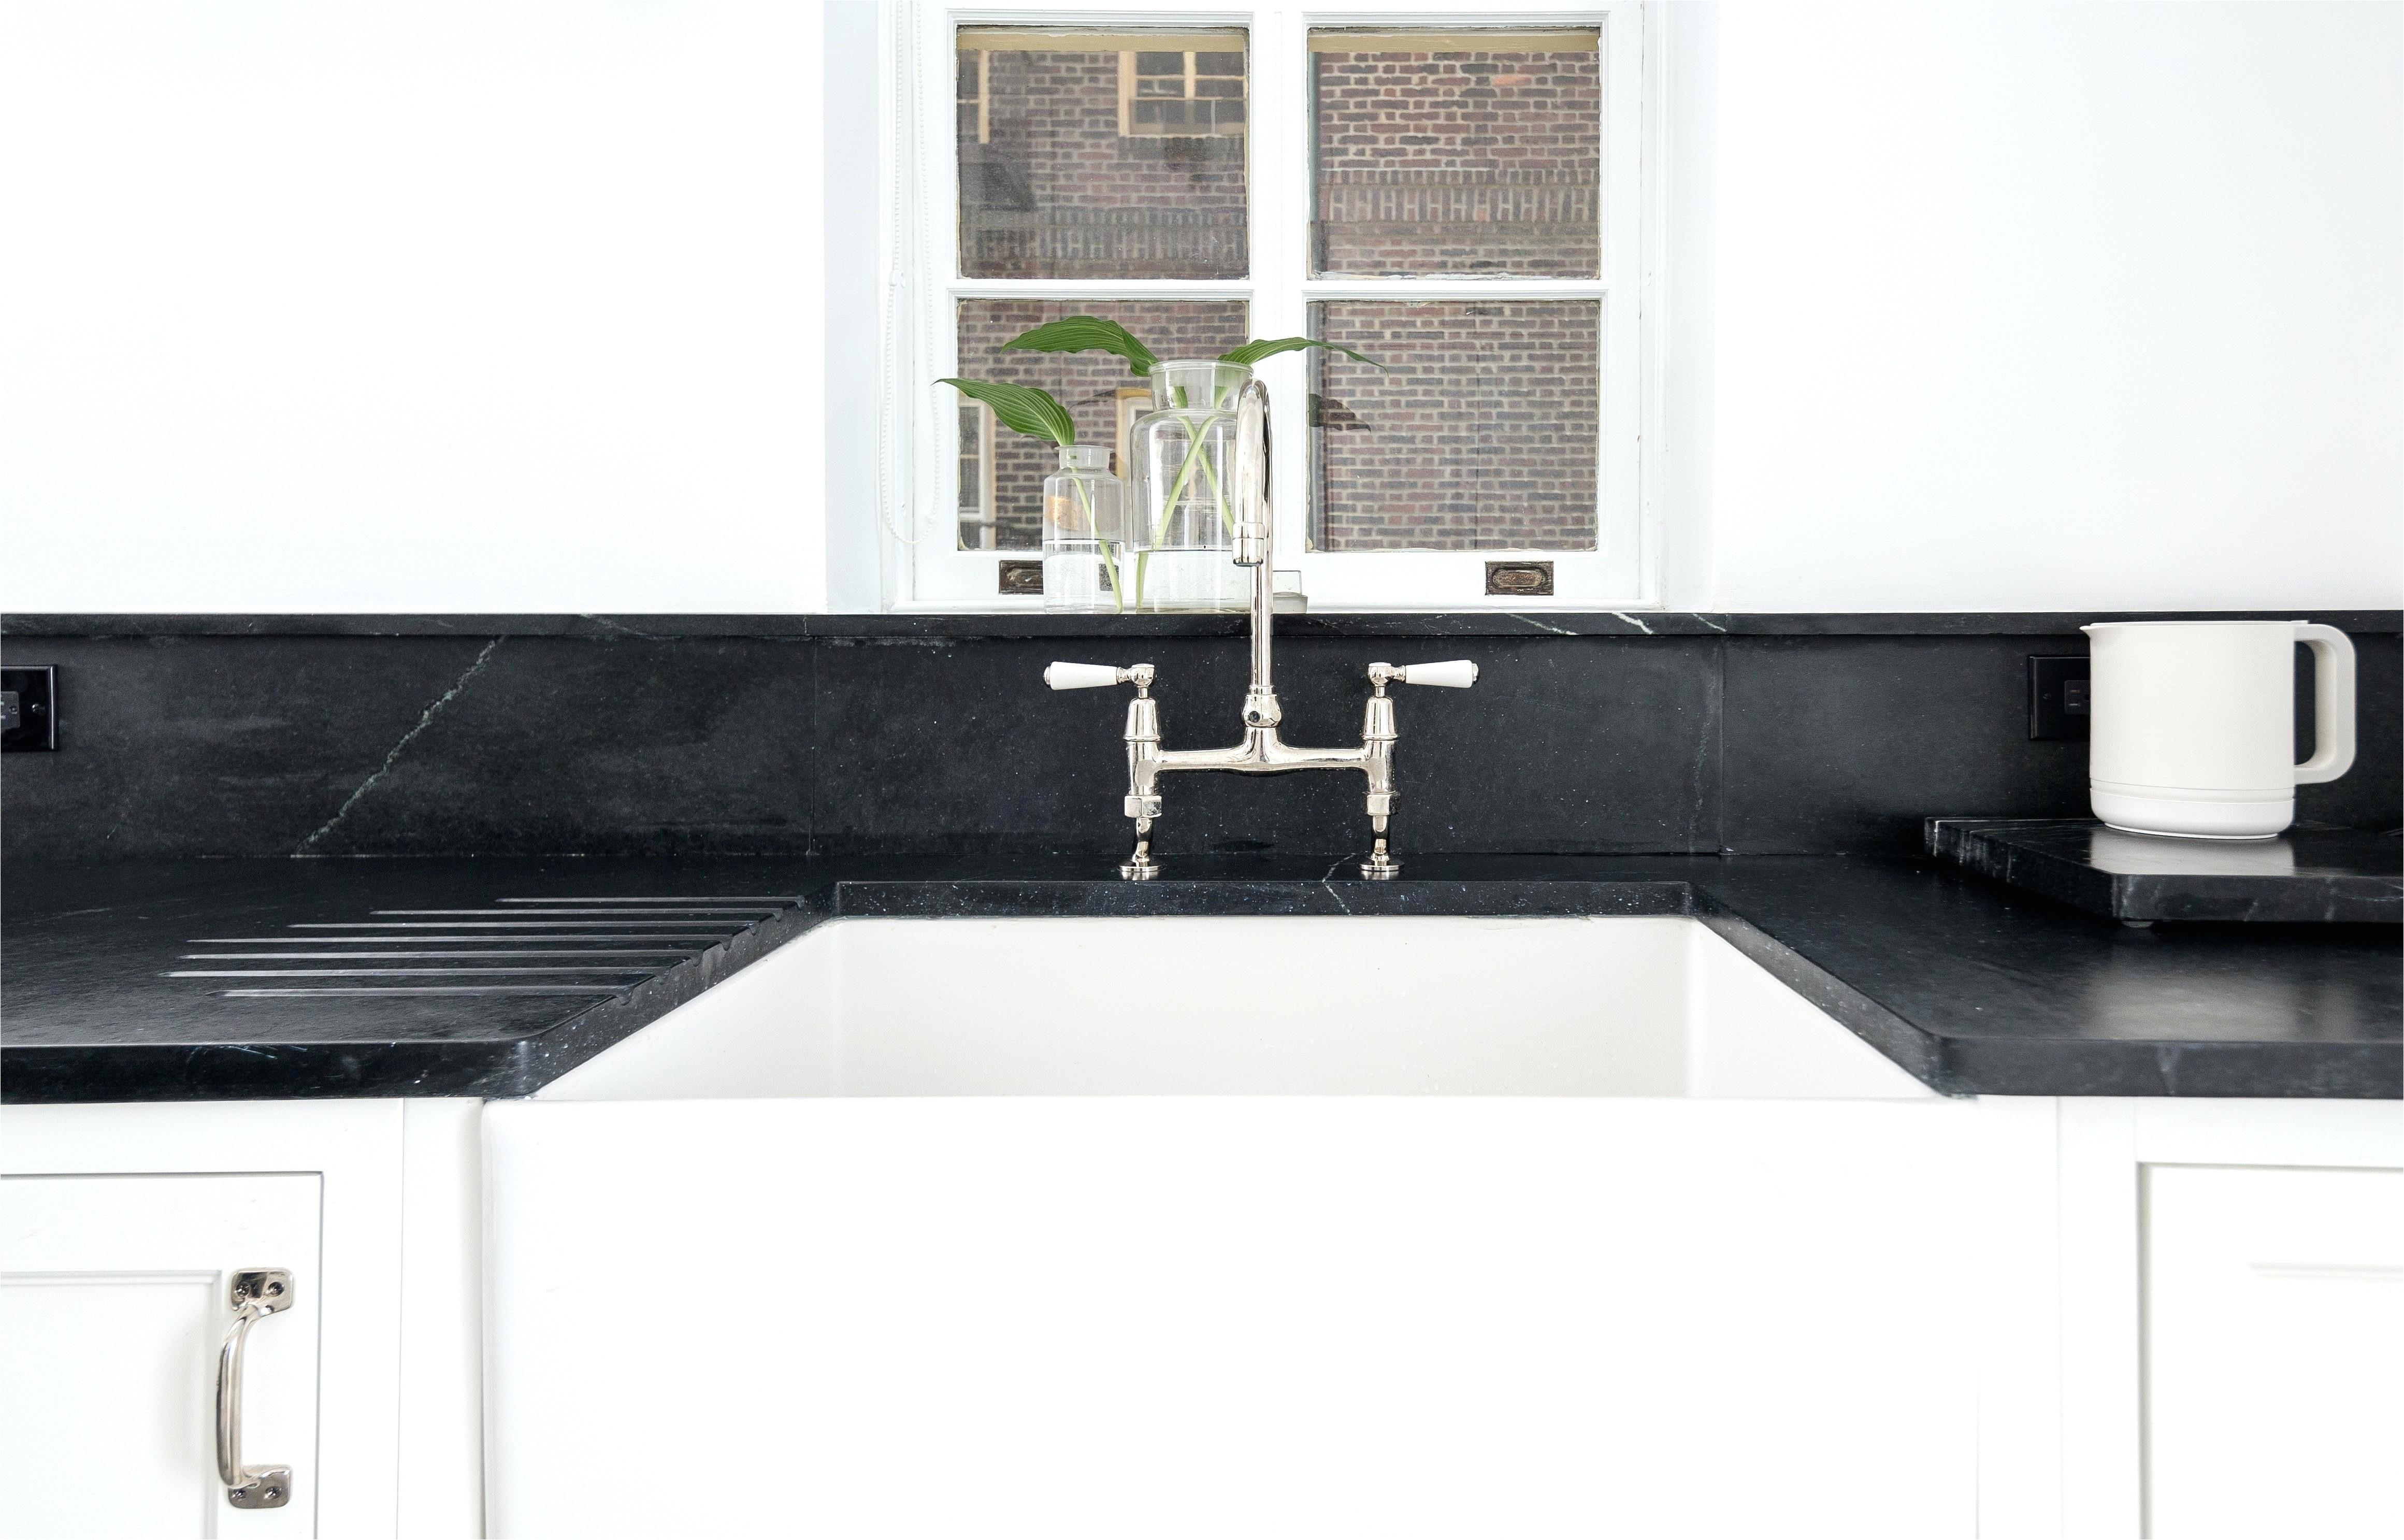 ikea kitchen faucet best of beauteous farmhouse kitchen faucet at kitchen sink bowl fresh h sink